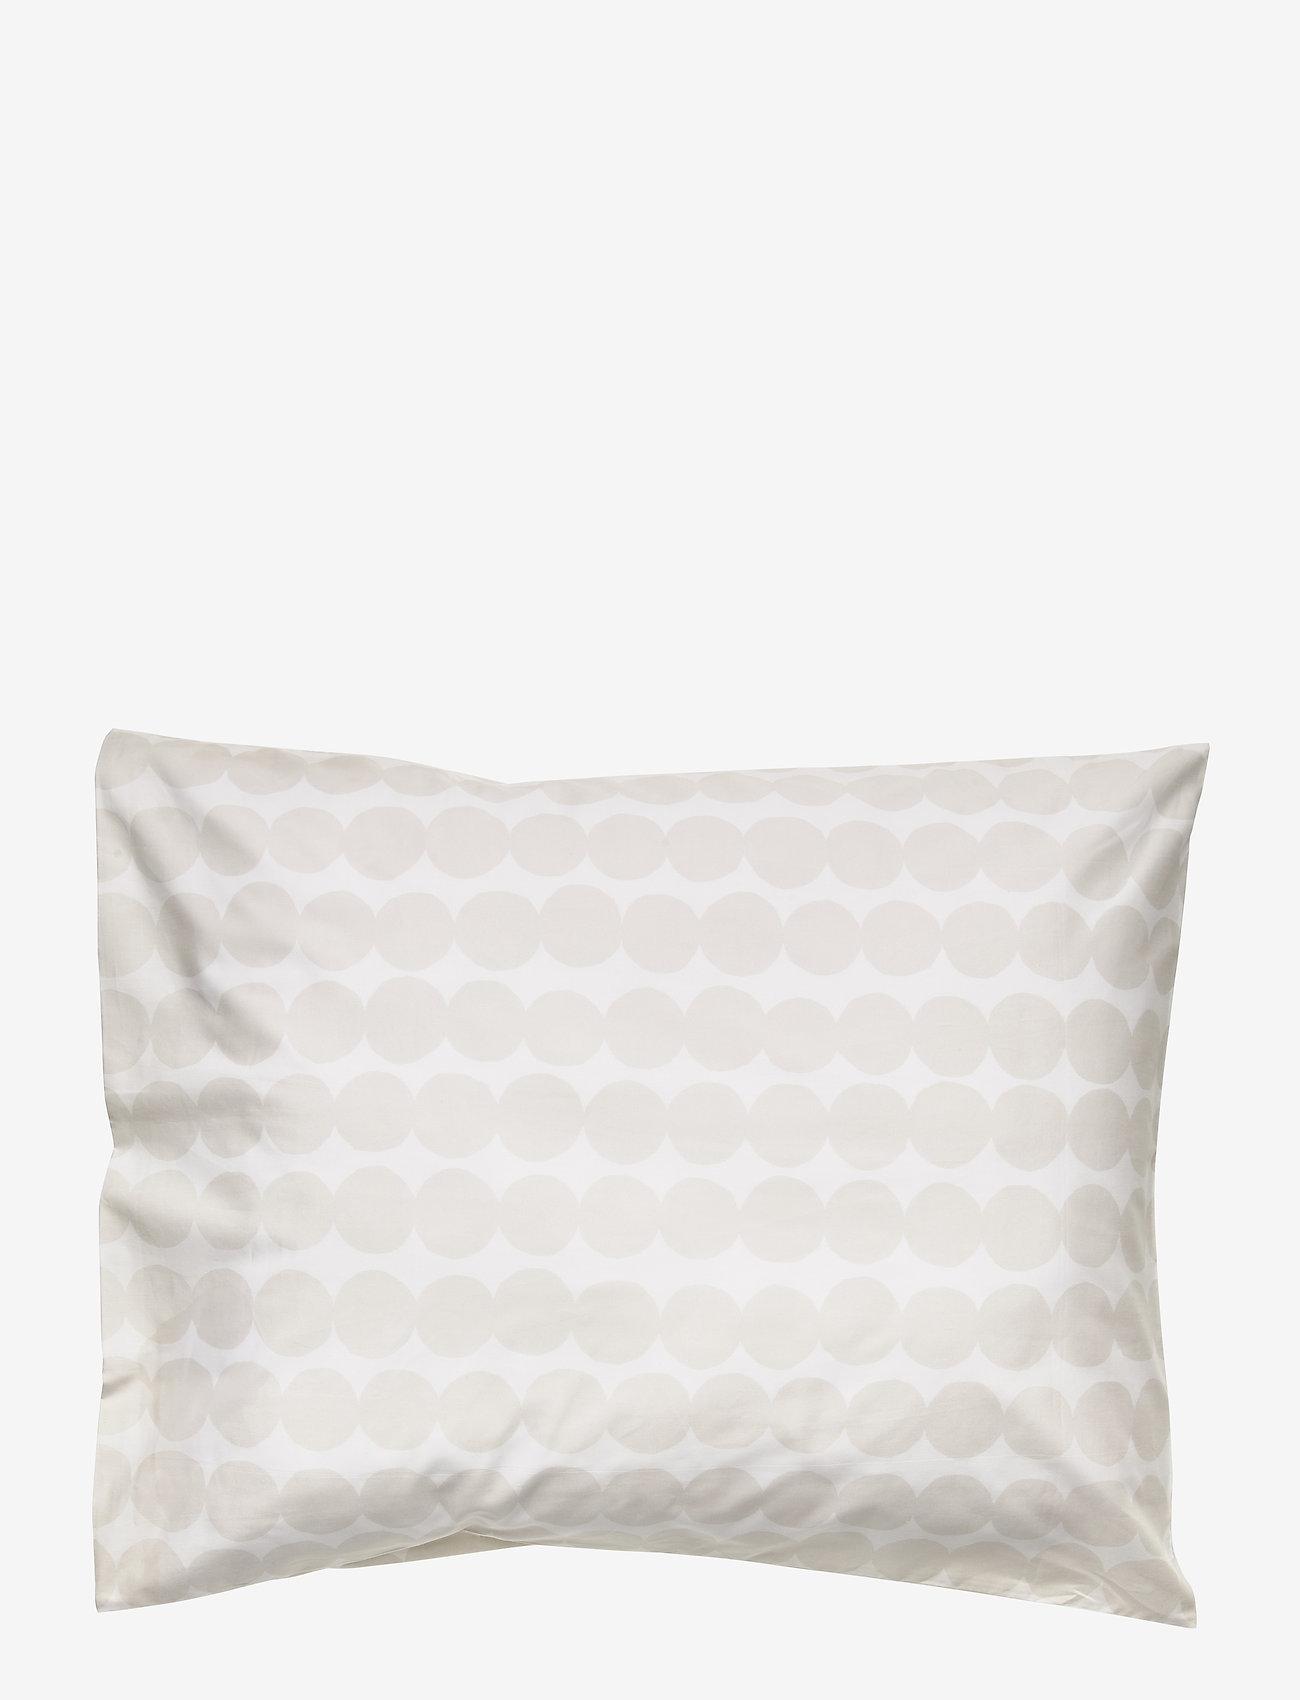 Marimekko Home - RÄSYMATTO PILLOW CASE - taies d'oreiller - white, light grey - 0